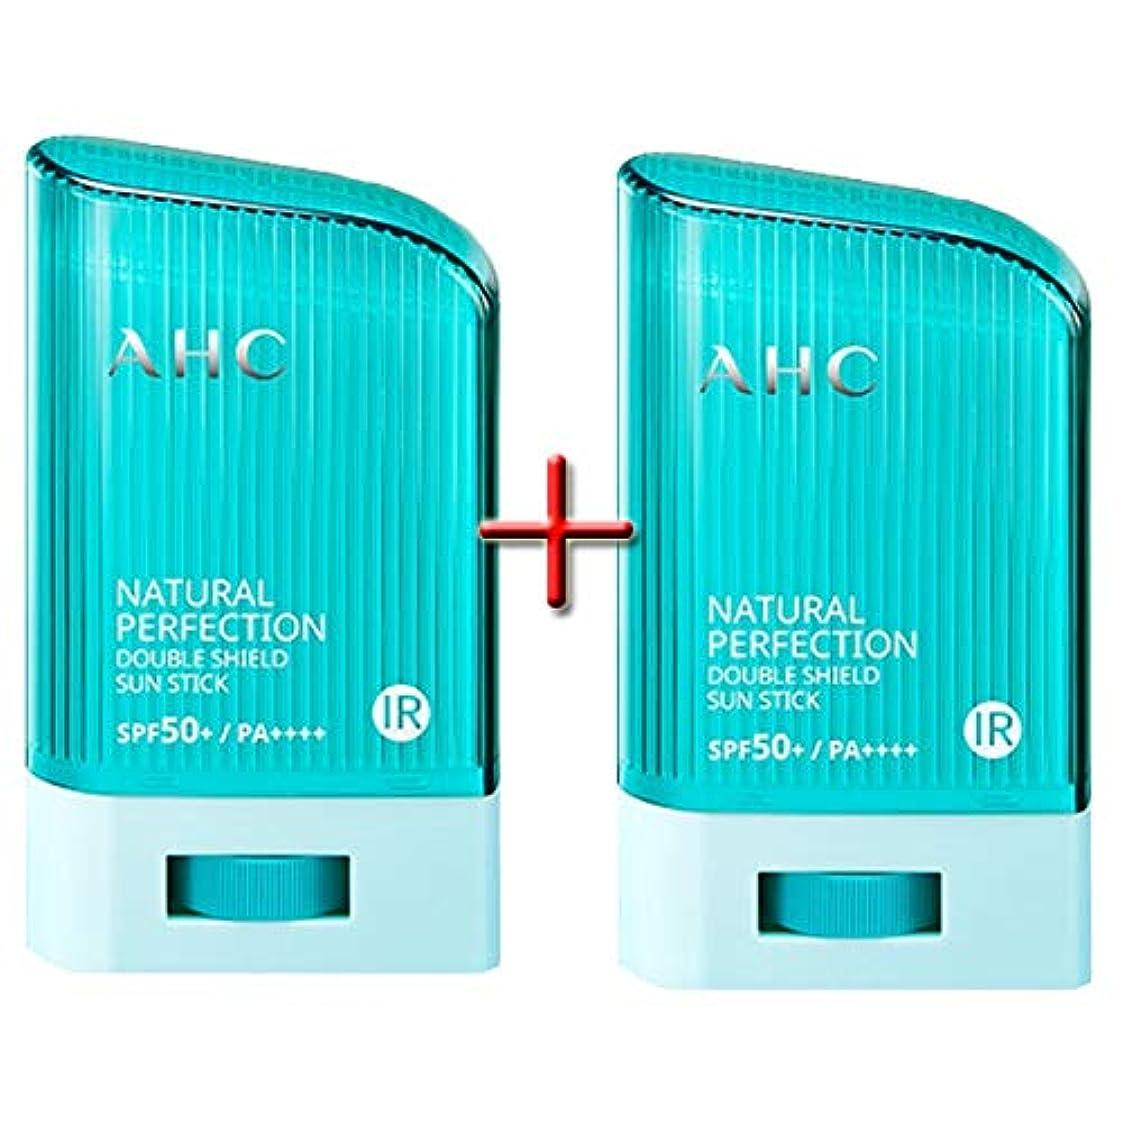 水銀の物理領事館[ 1+1 ] AHC ナチュラルパーフェクションダブルシールドサンスティック 22g, Natural Perfection Double Shield Sun Stick SPF50+ PA++++